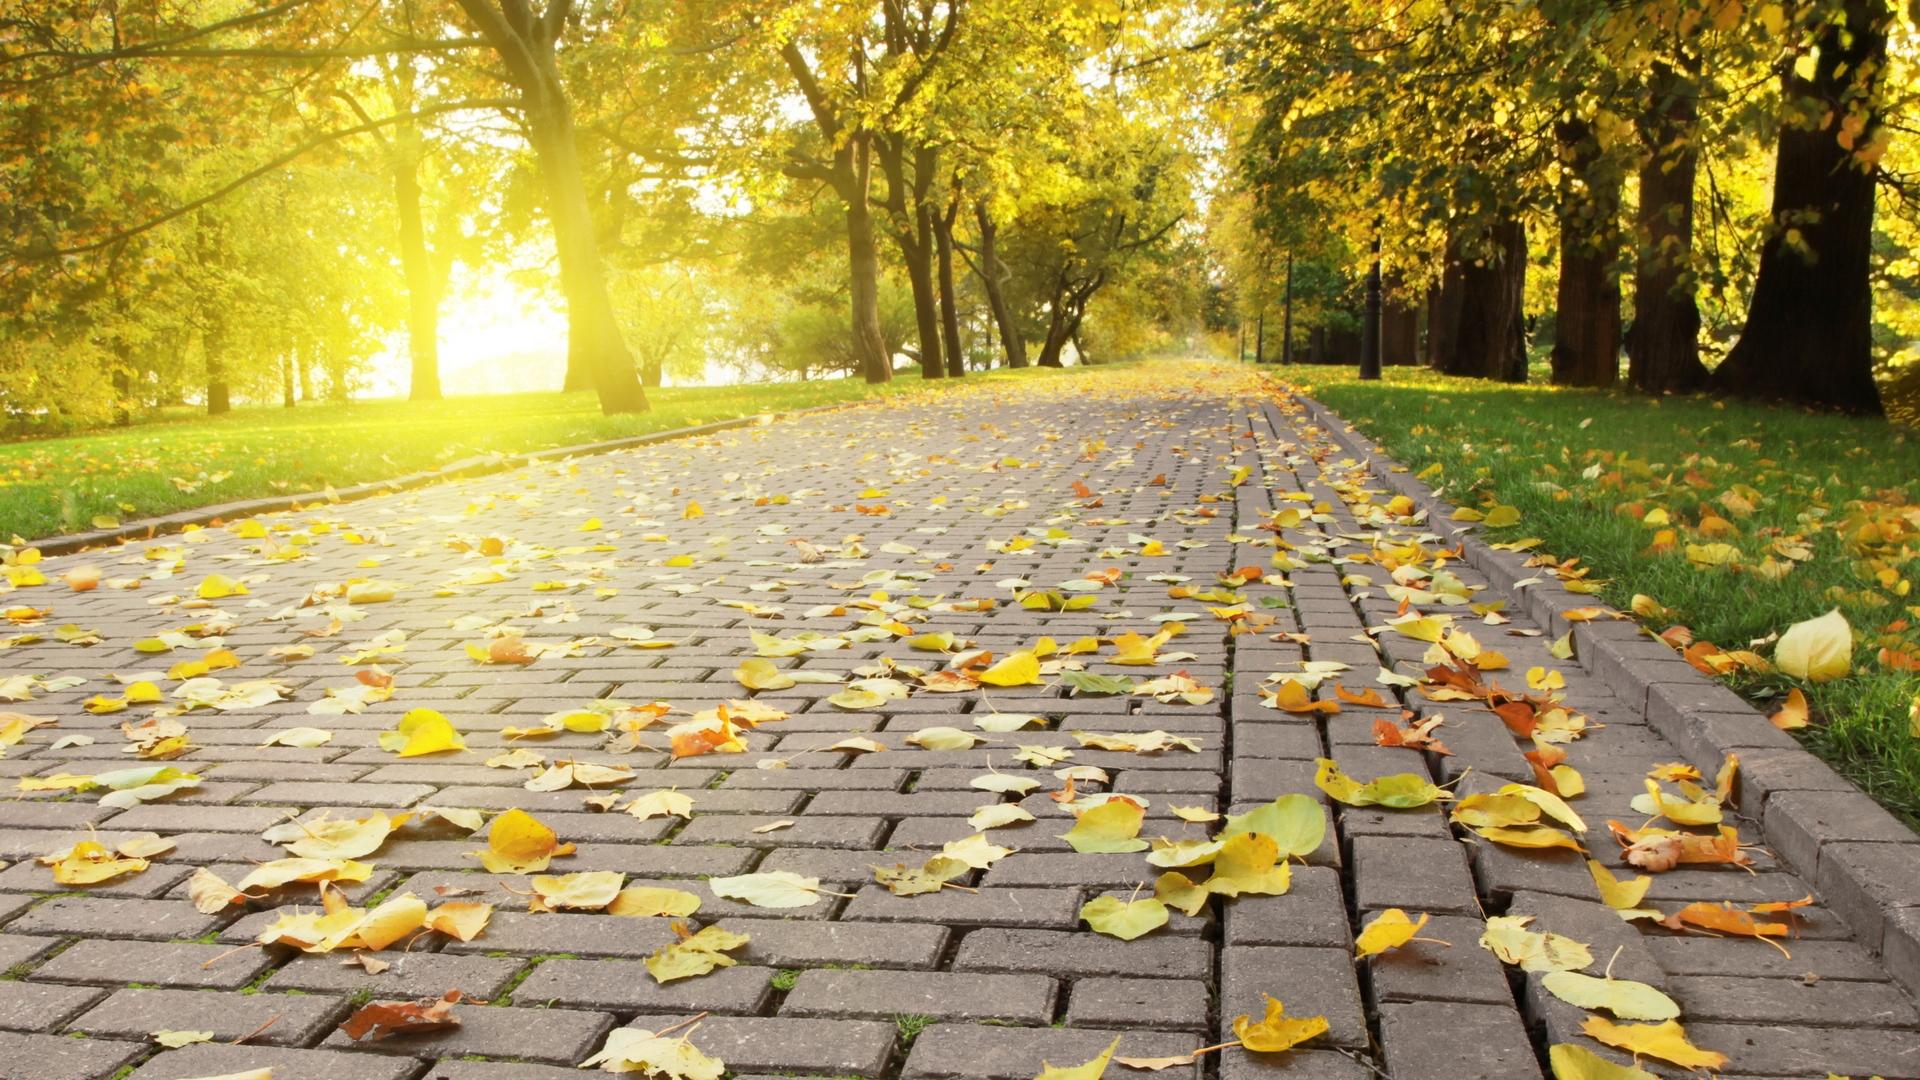 37909 скачать обои Пейзаж, Дороги, Осень - заставки и картинки бесплатно